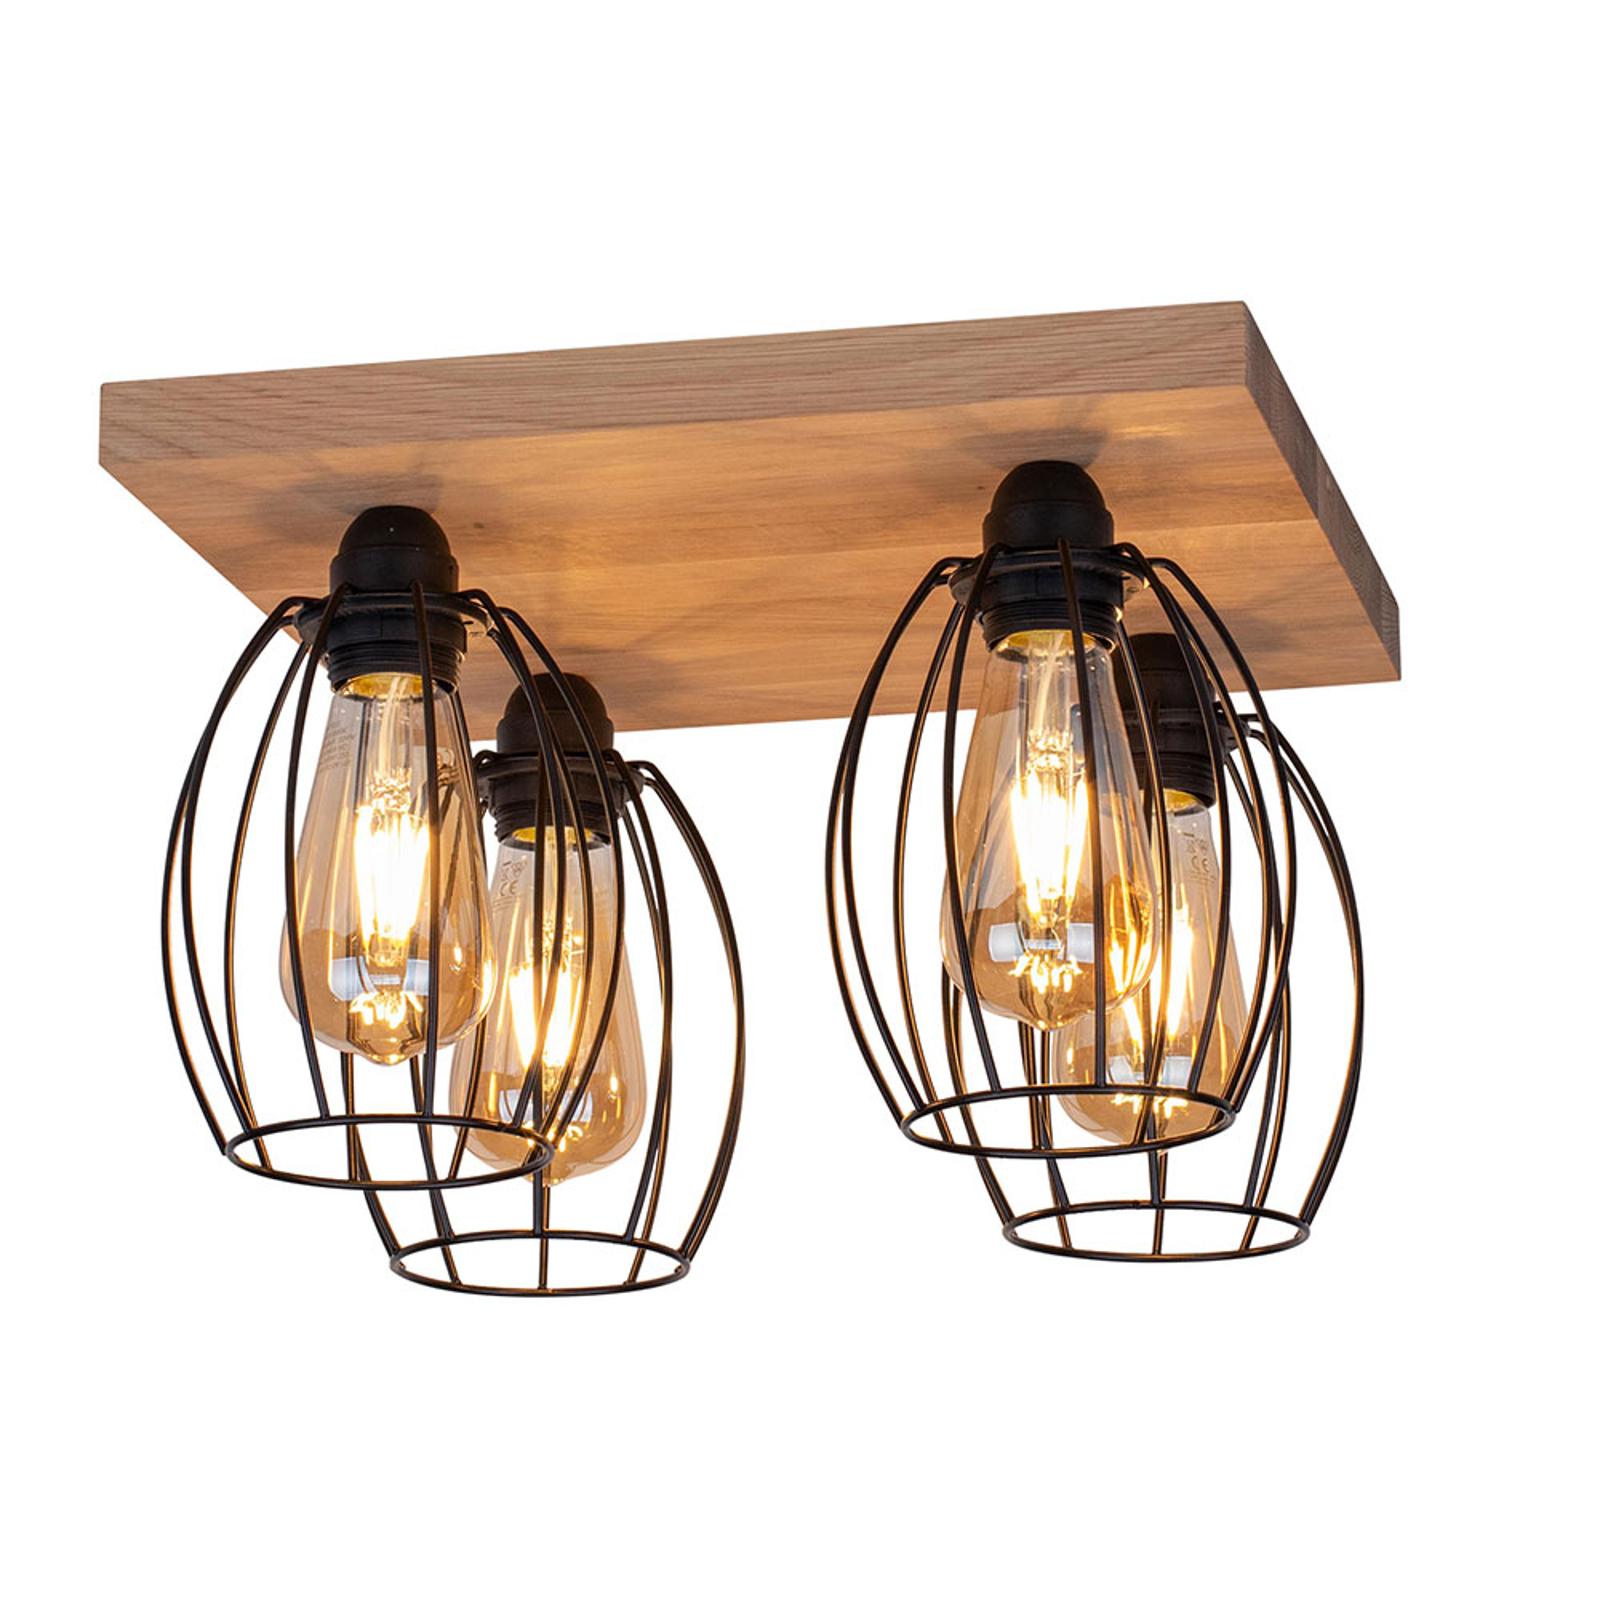 Plafondlamp Beevly, hout en metaal, 4-lamps